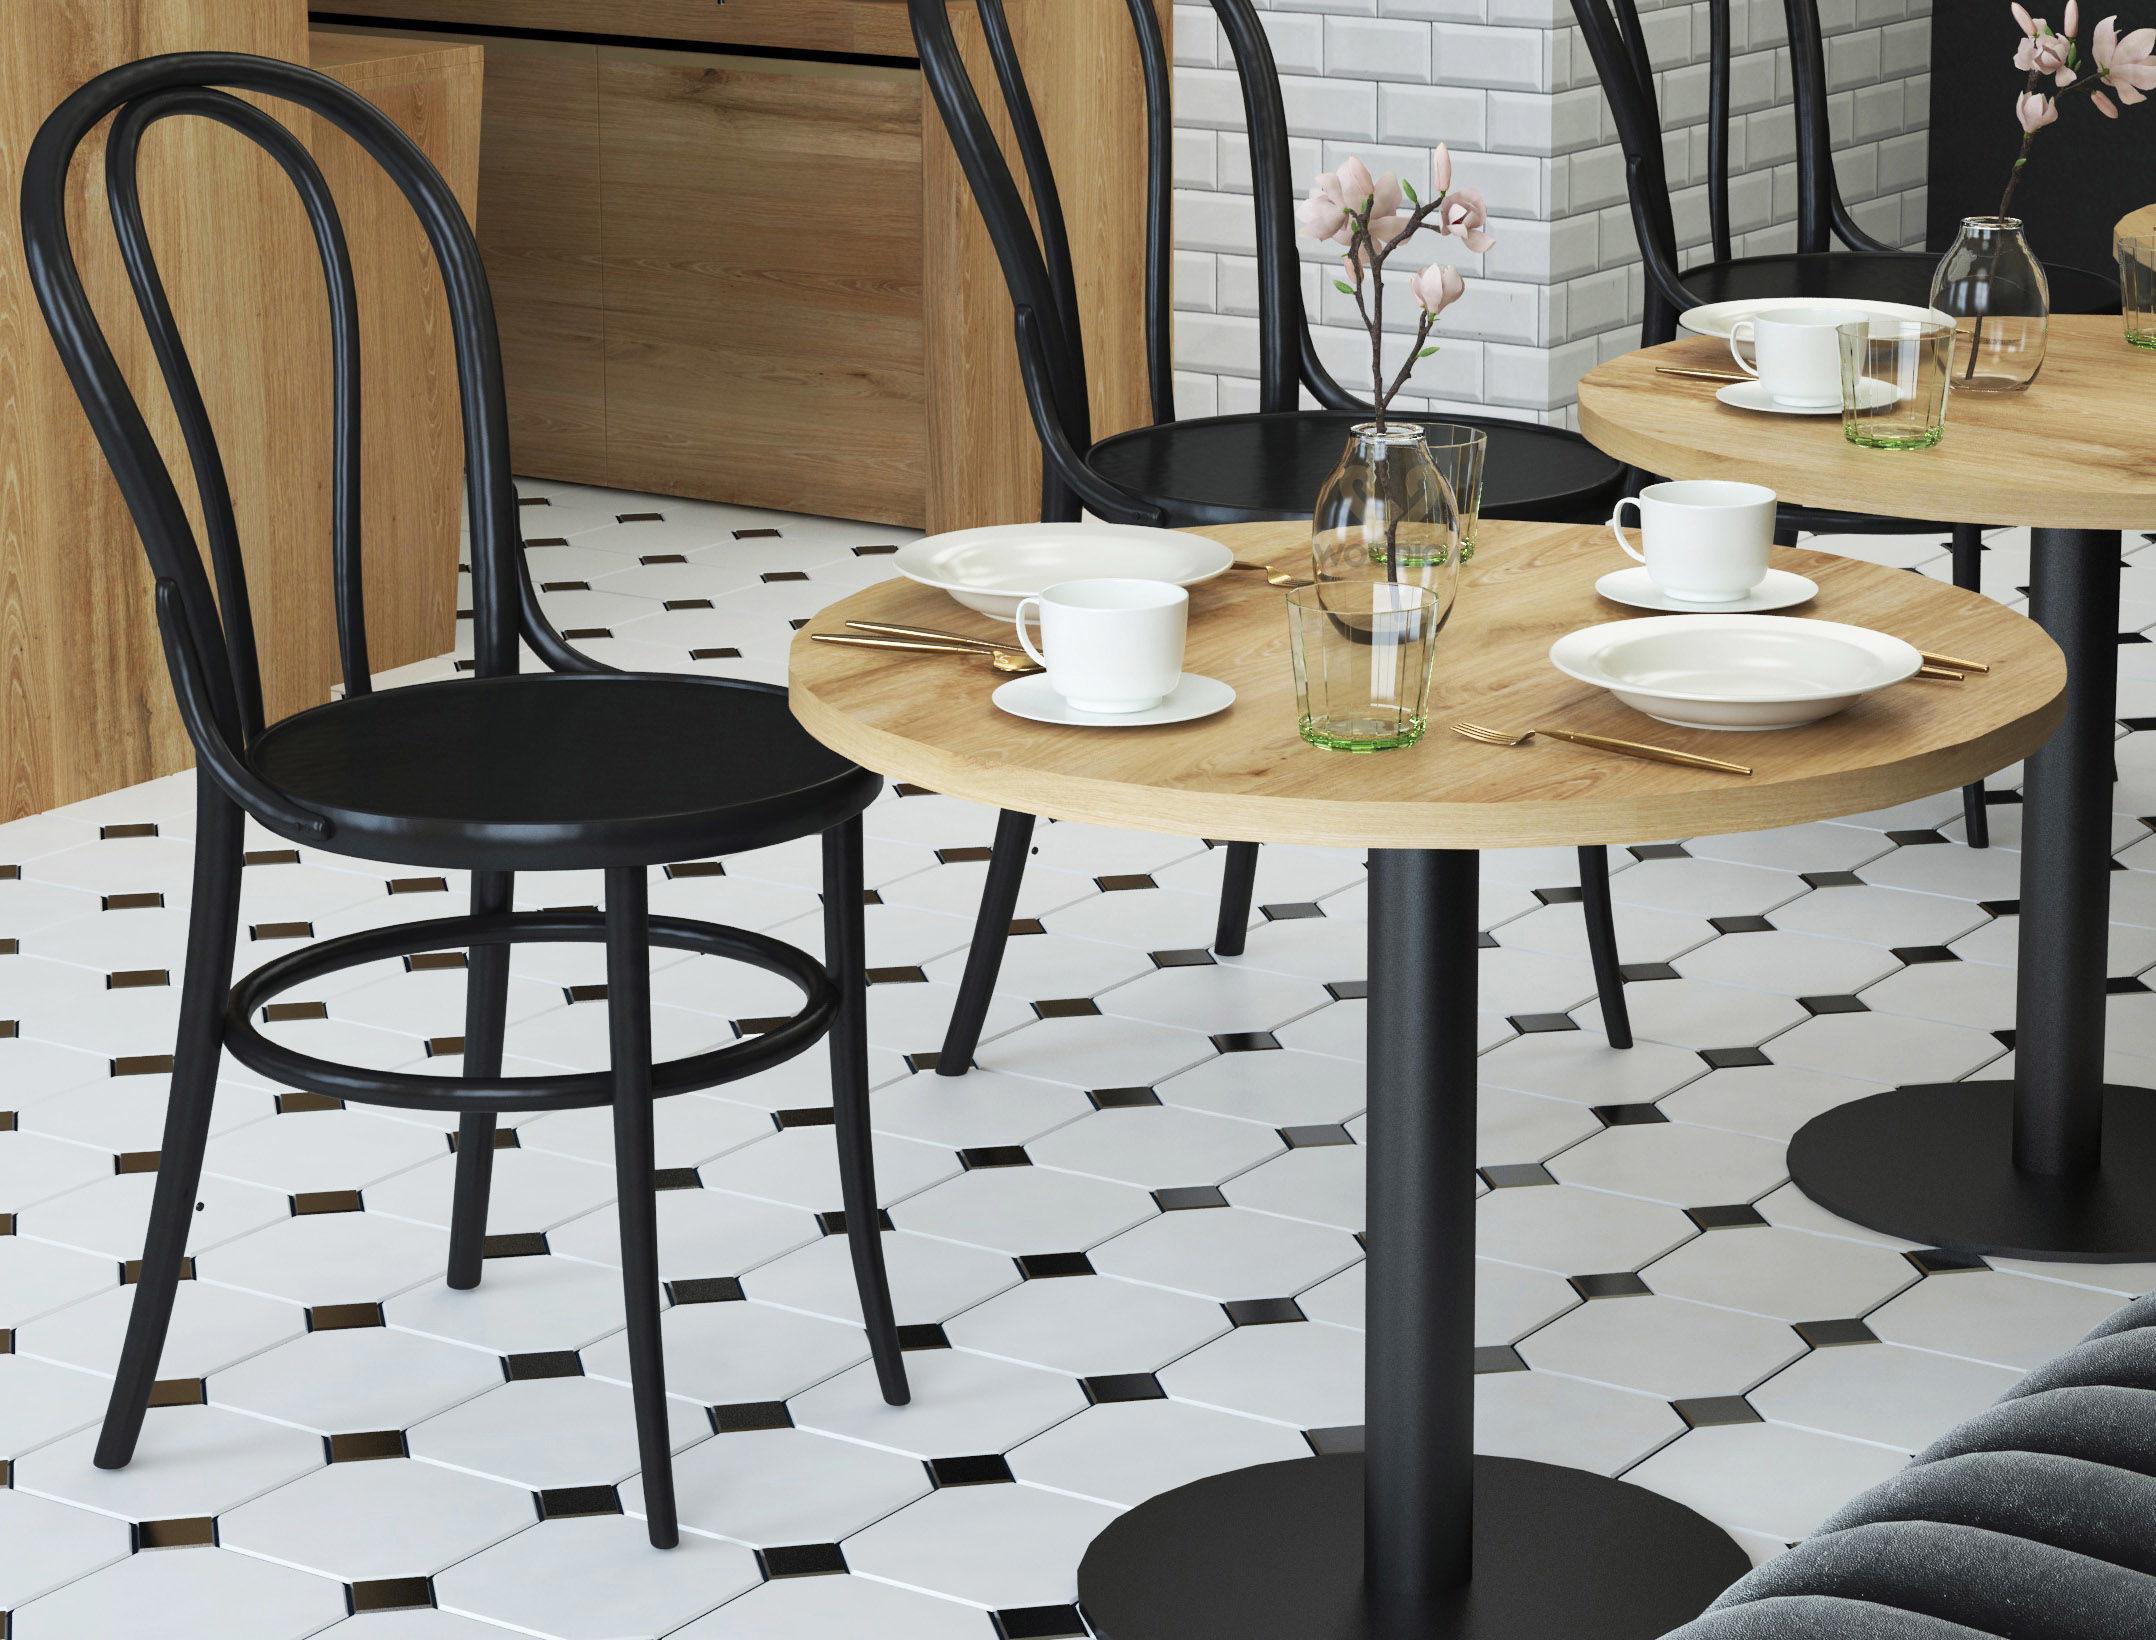 Stolik dębowy do kawiarni okrągły